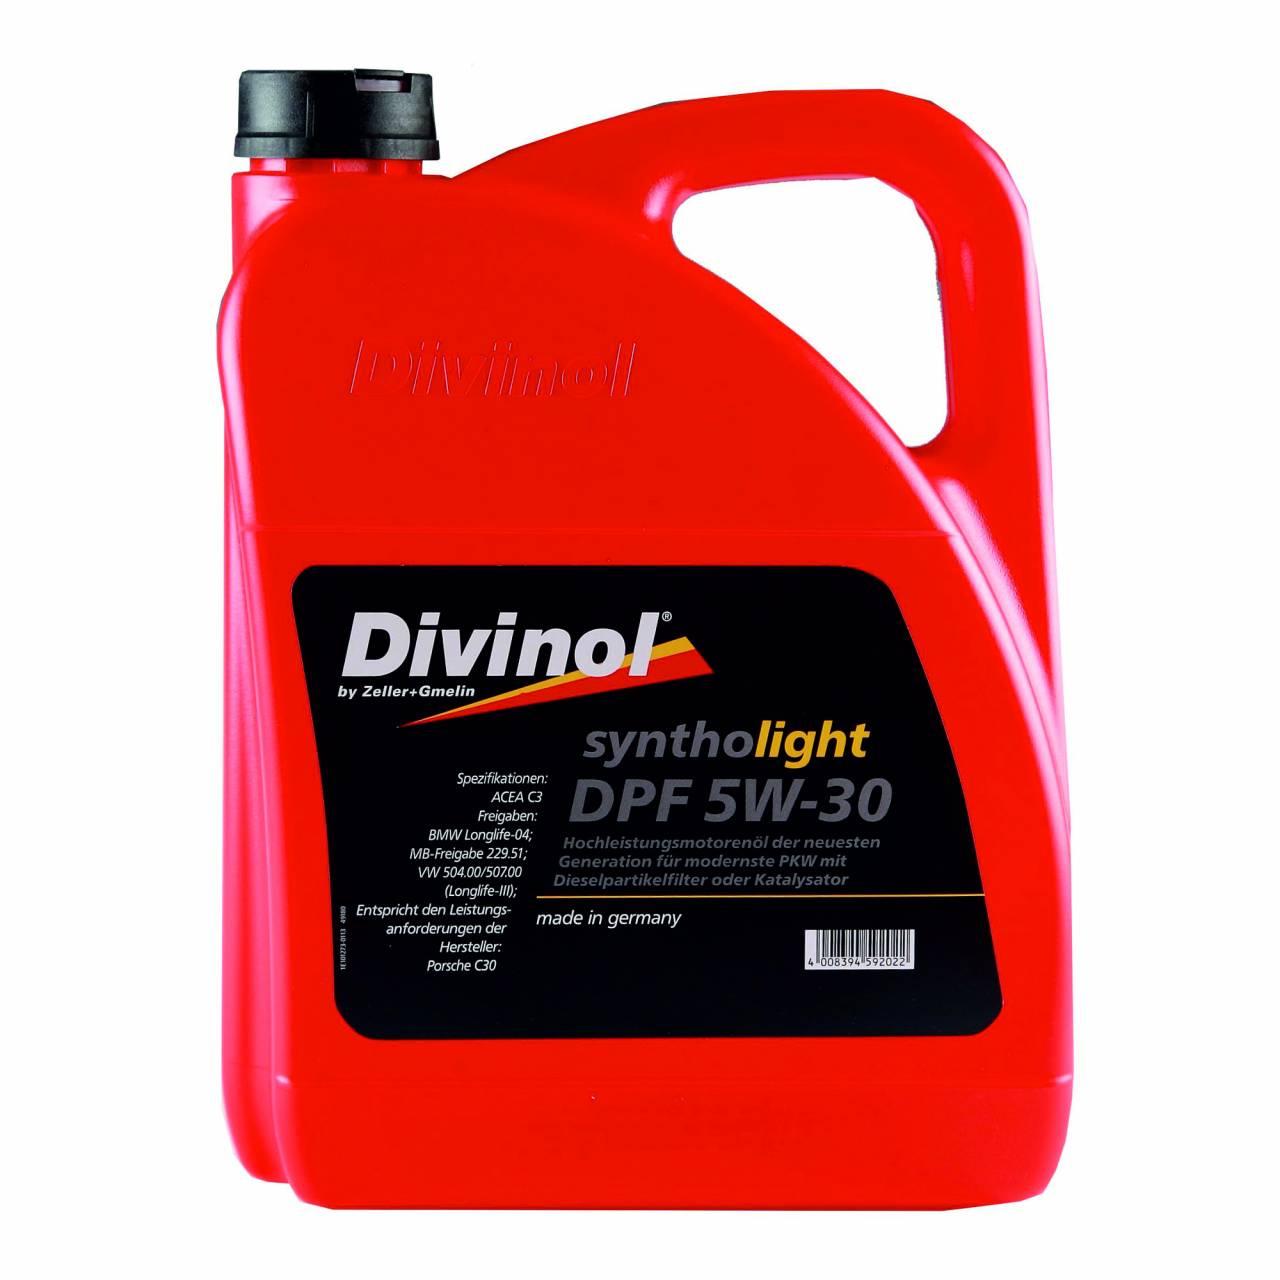 Motorenöl 'Divinol' Syntholight DPF 5W-30 / 5,0 Liter Kanister